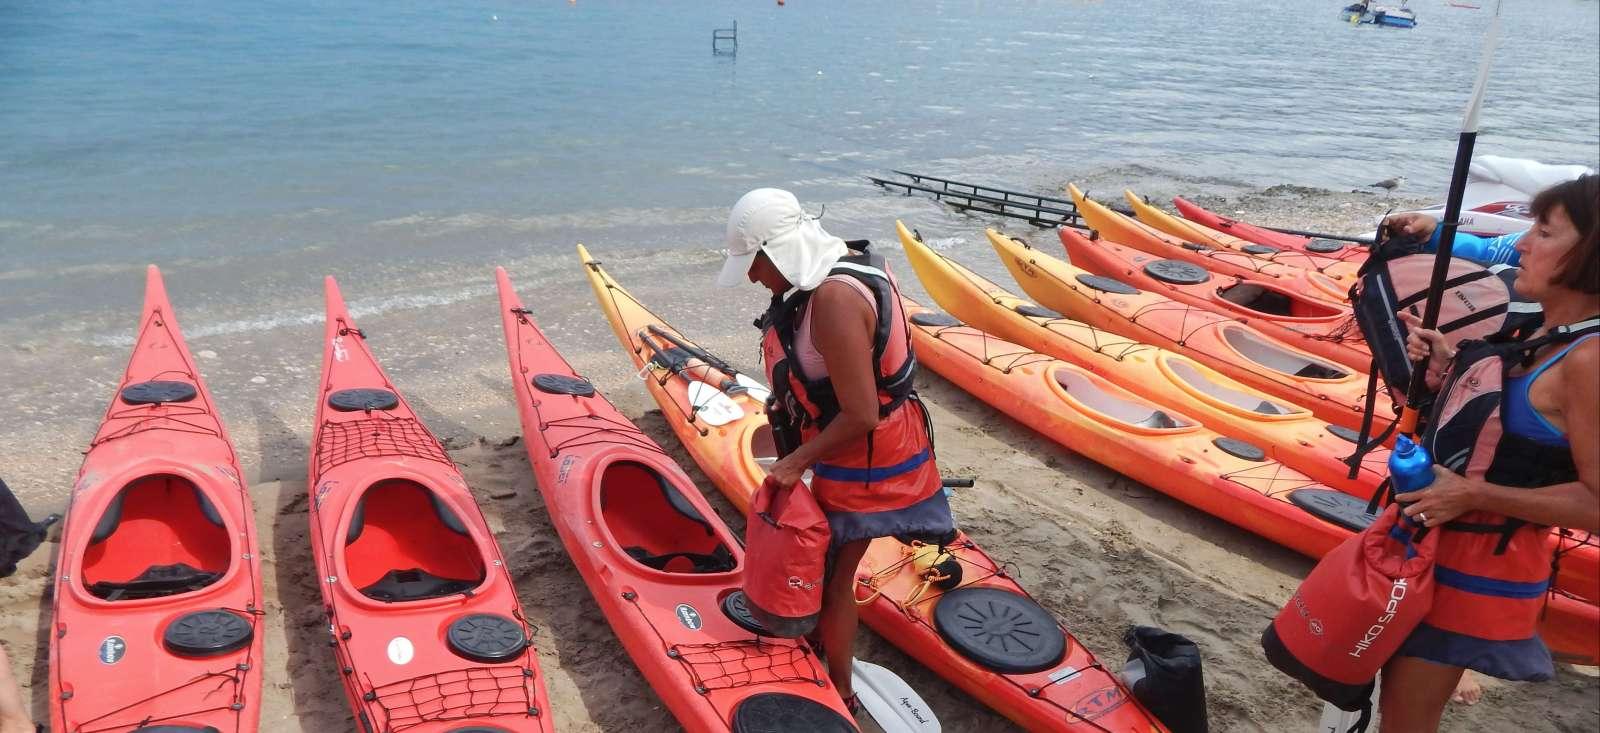 Voyage sur l'eau Croatie : Les îles Elafites en kayak de mer